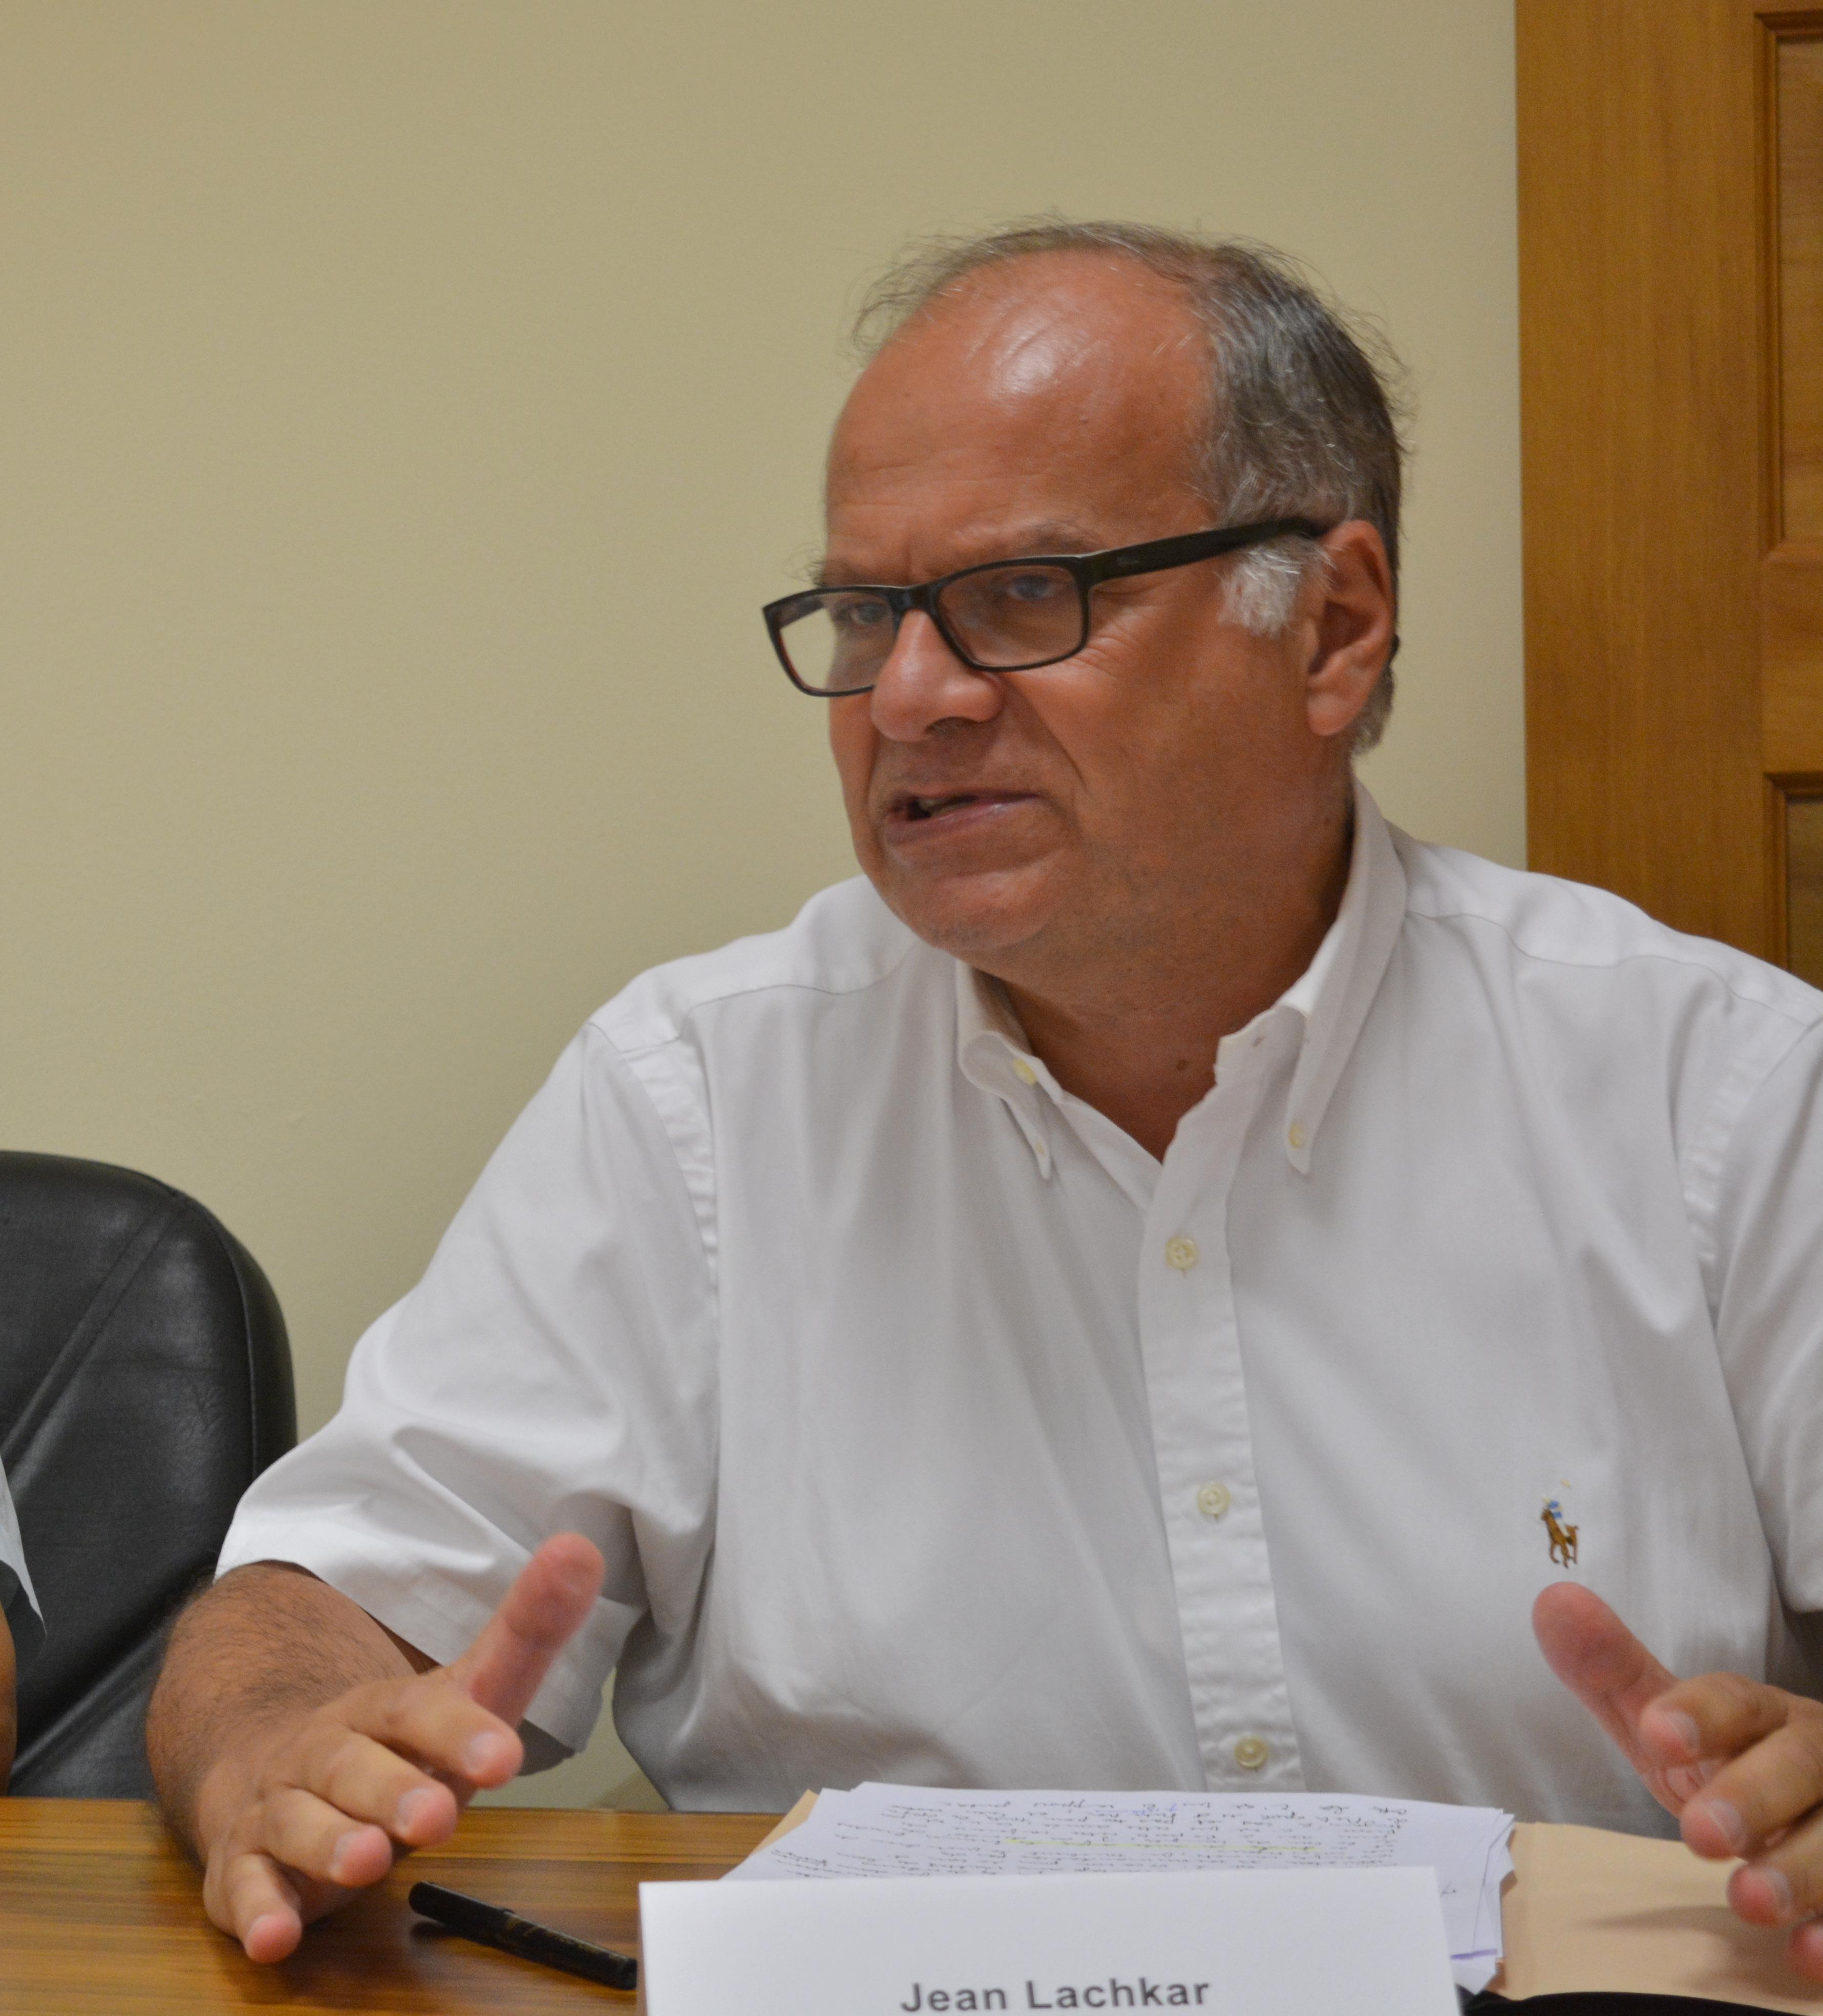 Jean Lachkar, président de la chambre territoriale des comptes en Polynésie.